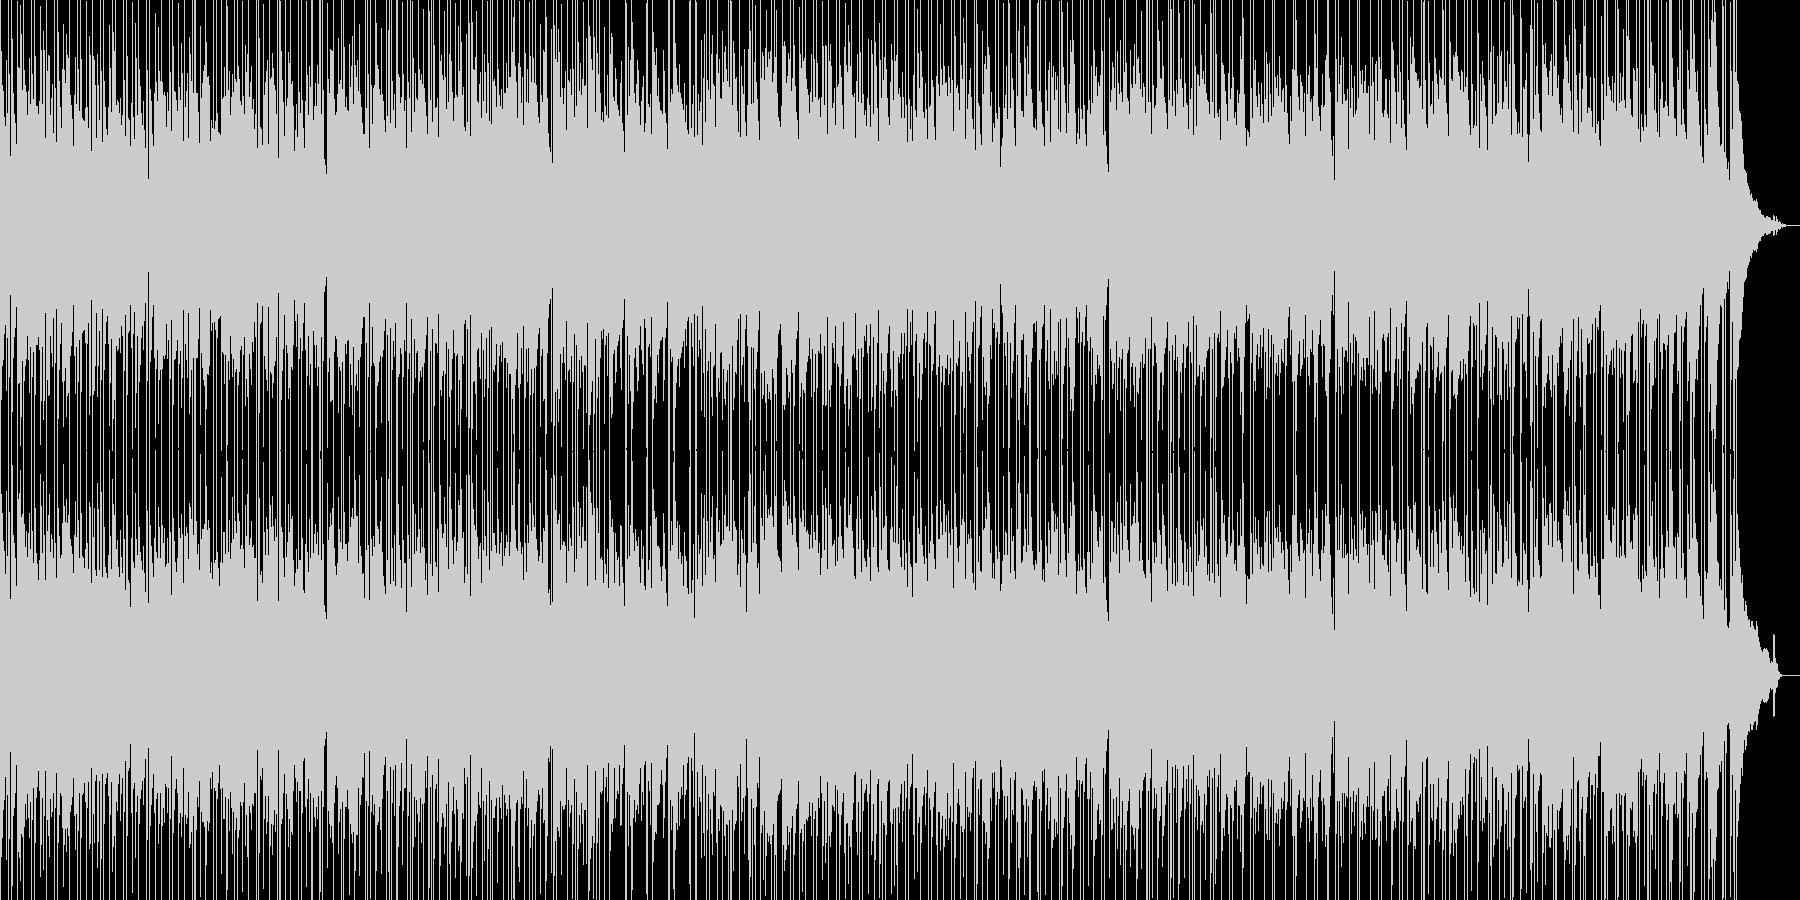 エレキギター アンサンブルの未再生の波形